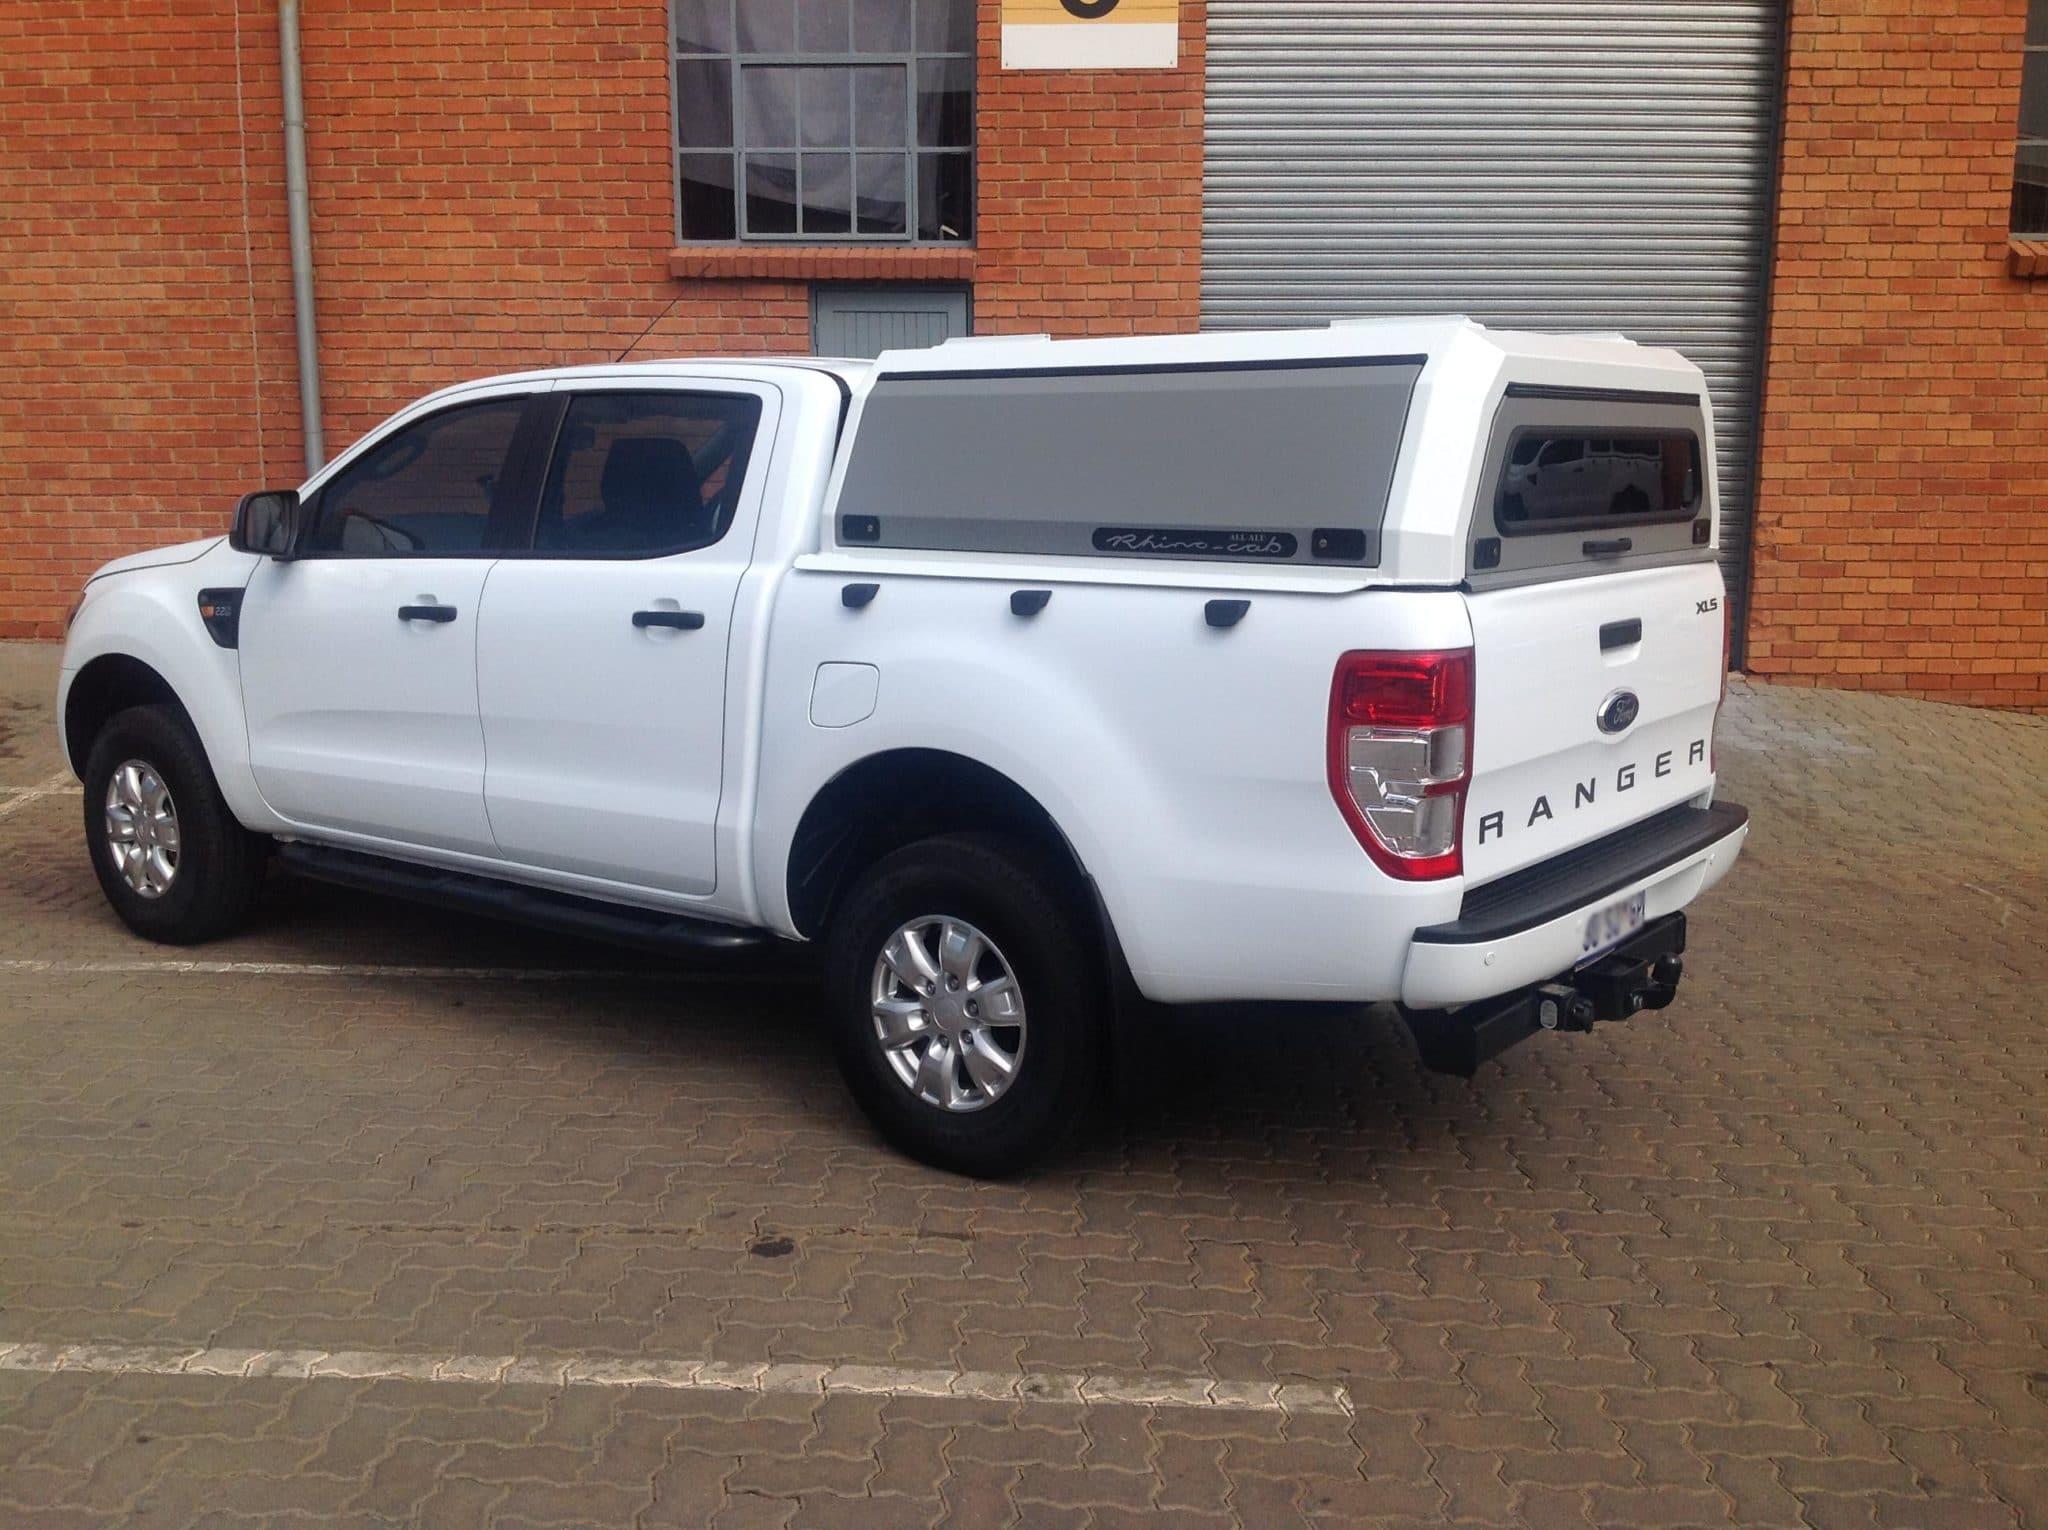 rhino-lite-alu-canopy-ford-ranger-face-lift